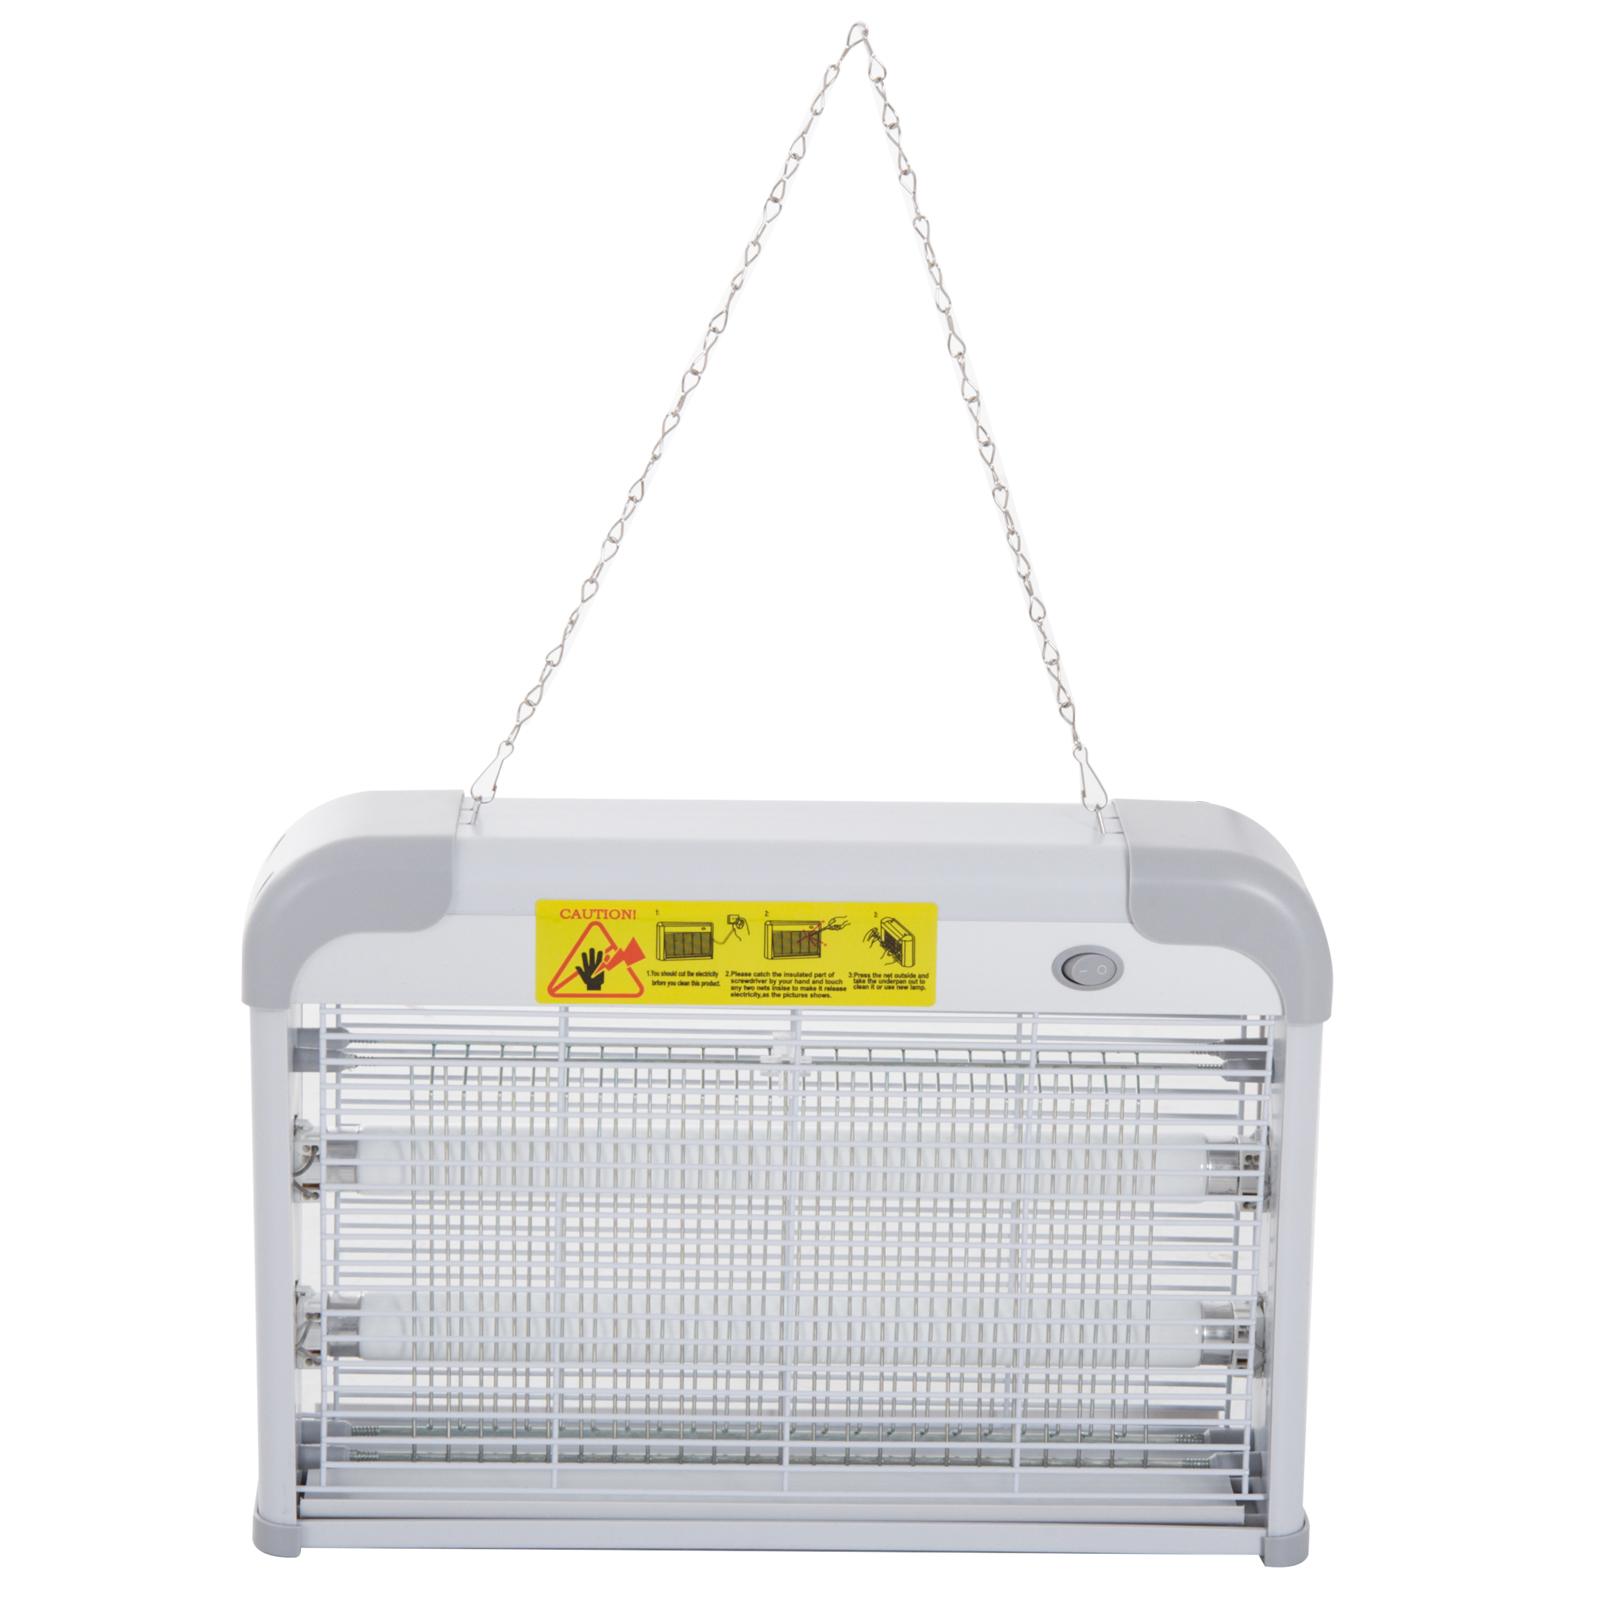 Outsunny Lampa Electrica Antitantari 20W, 37.5x8.5x26.5cm imagine aosom.ro